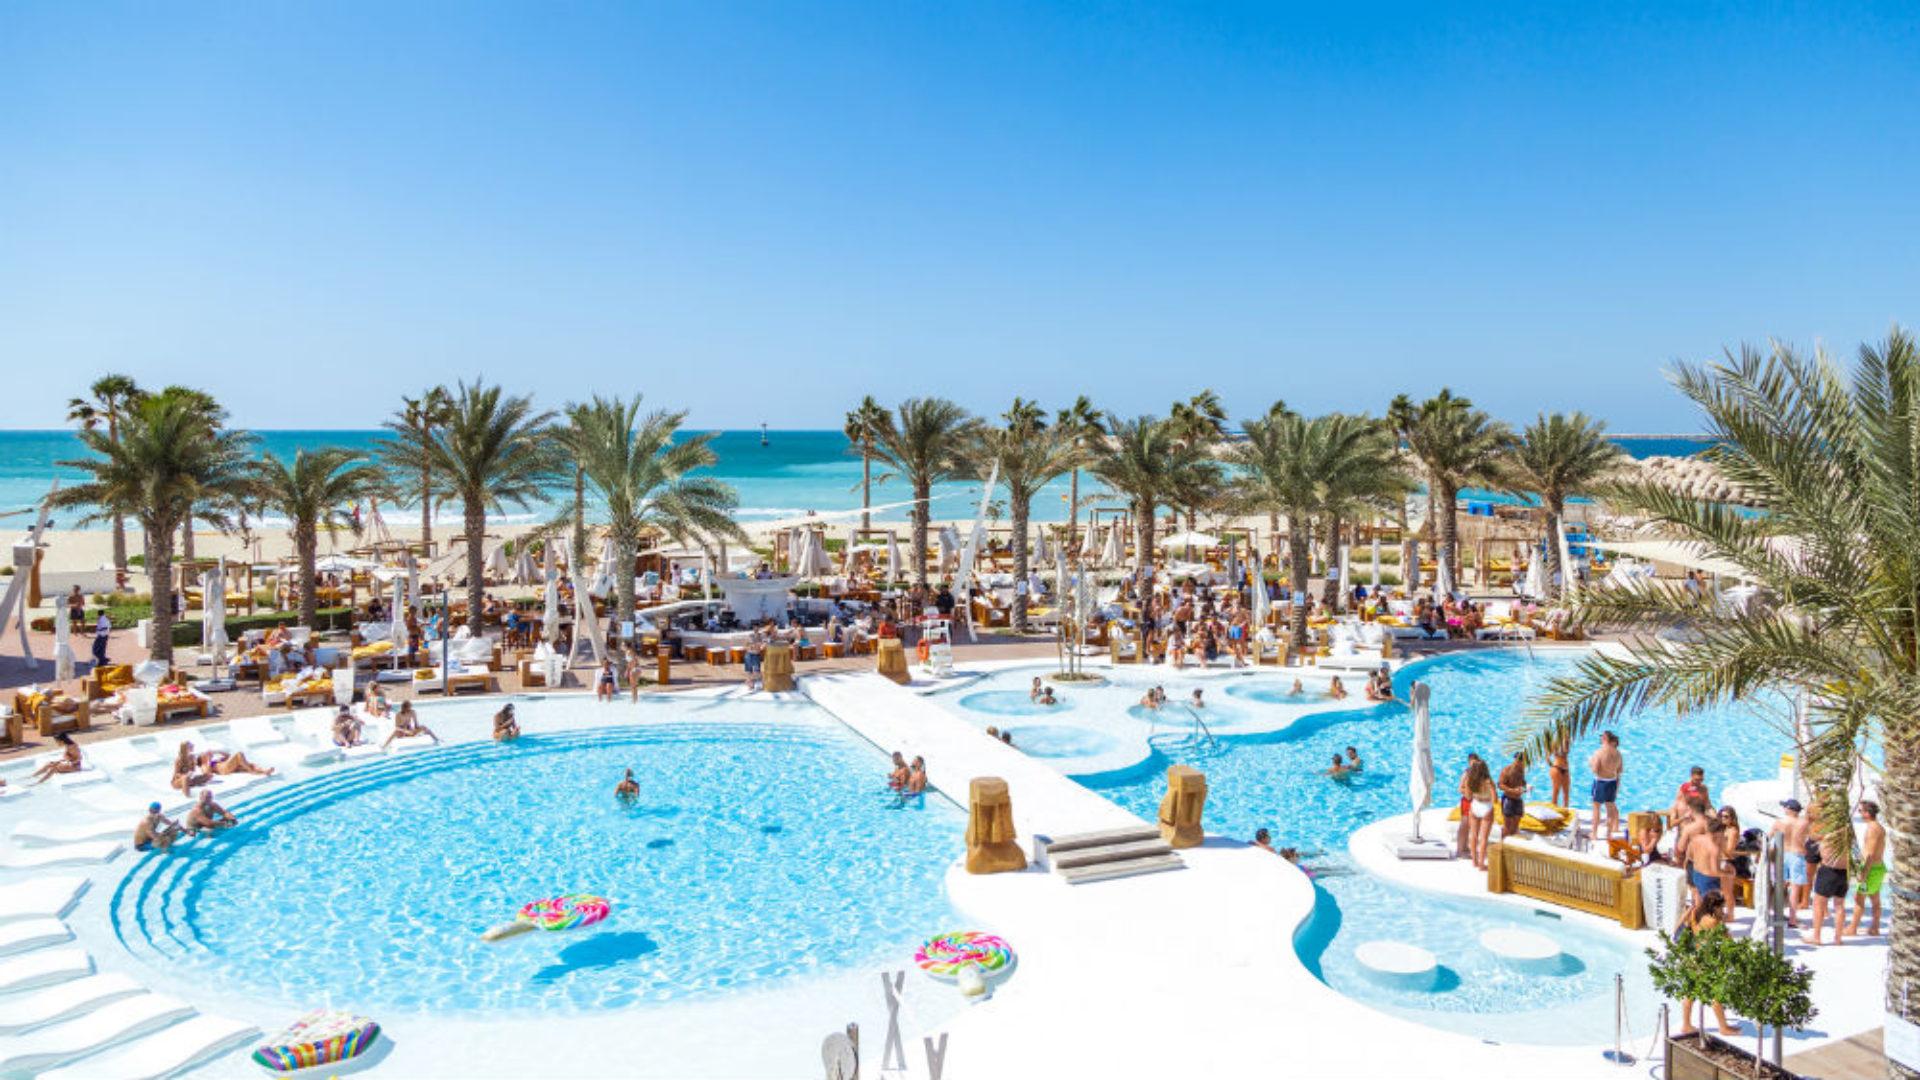 Pool & beach at the Beach Club at Nikki Beach Resort & Spa